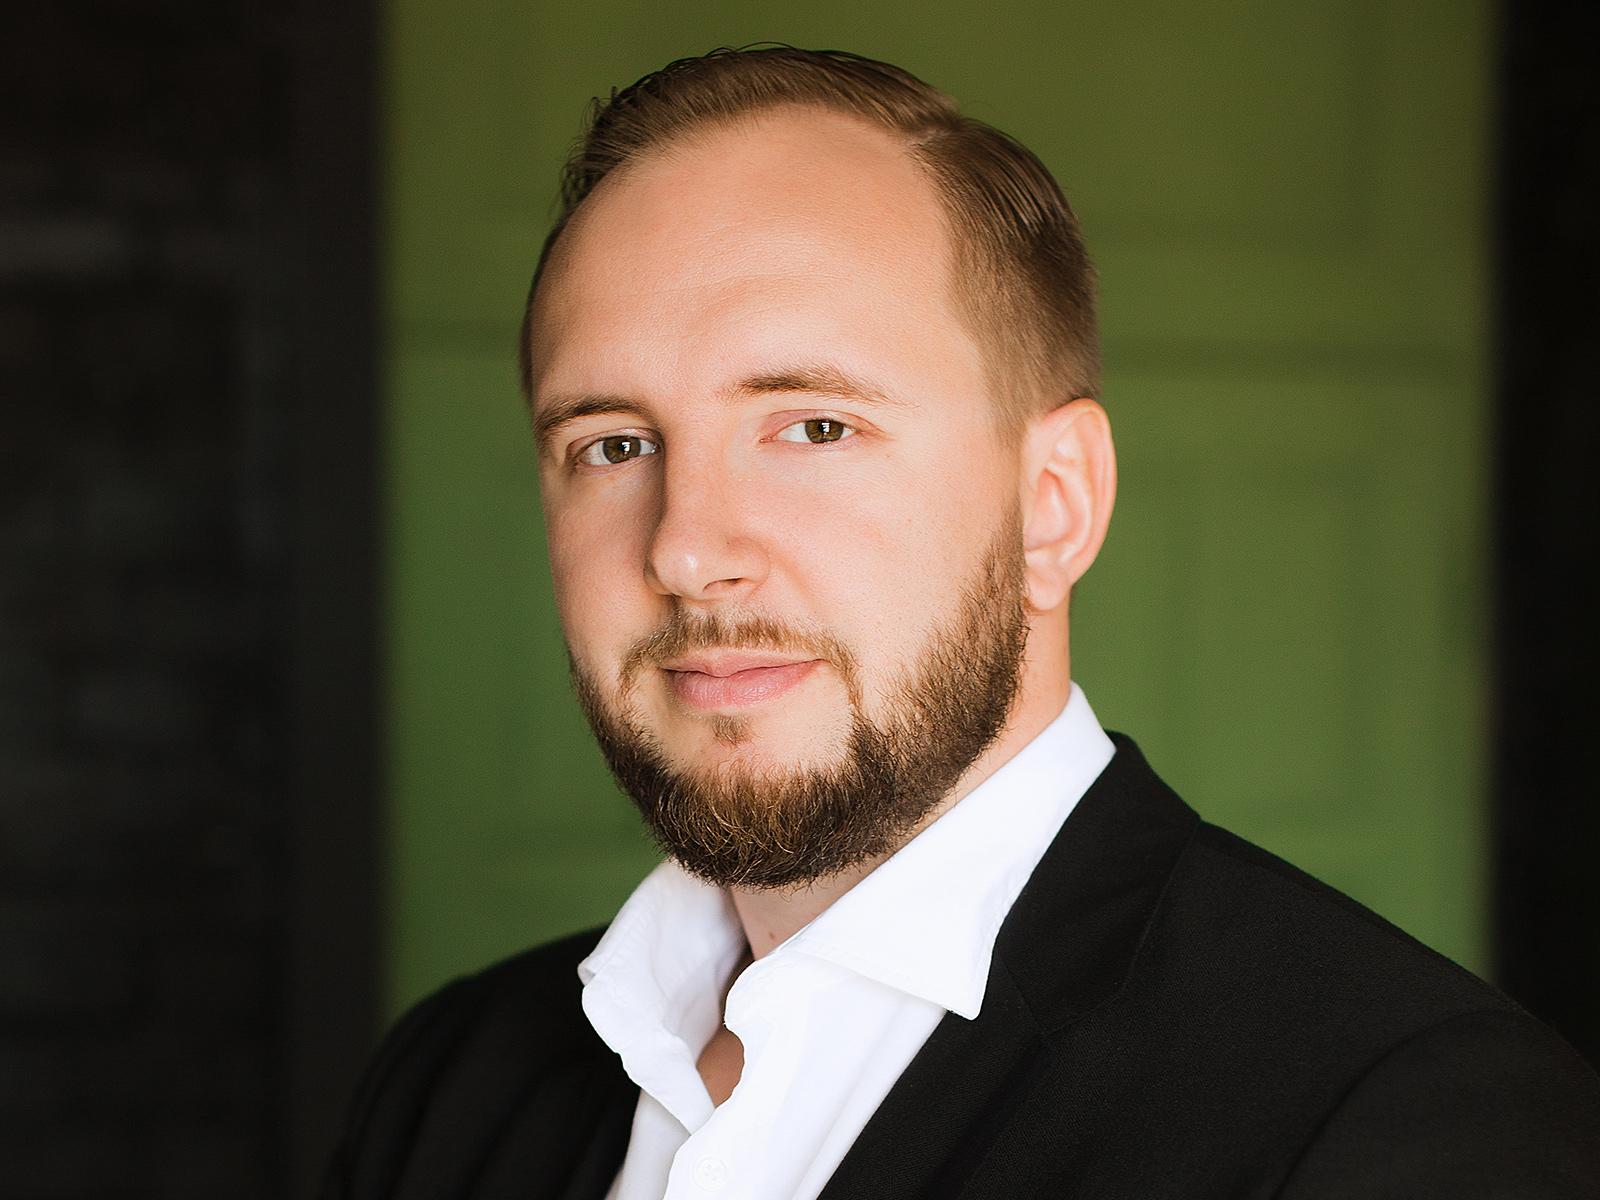 Антон Паремский. Какие направления бизнеса будут развиваться в 2018 году